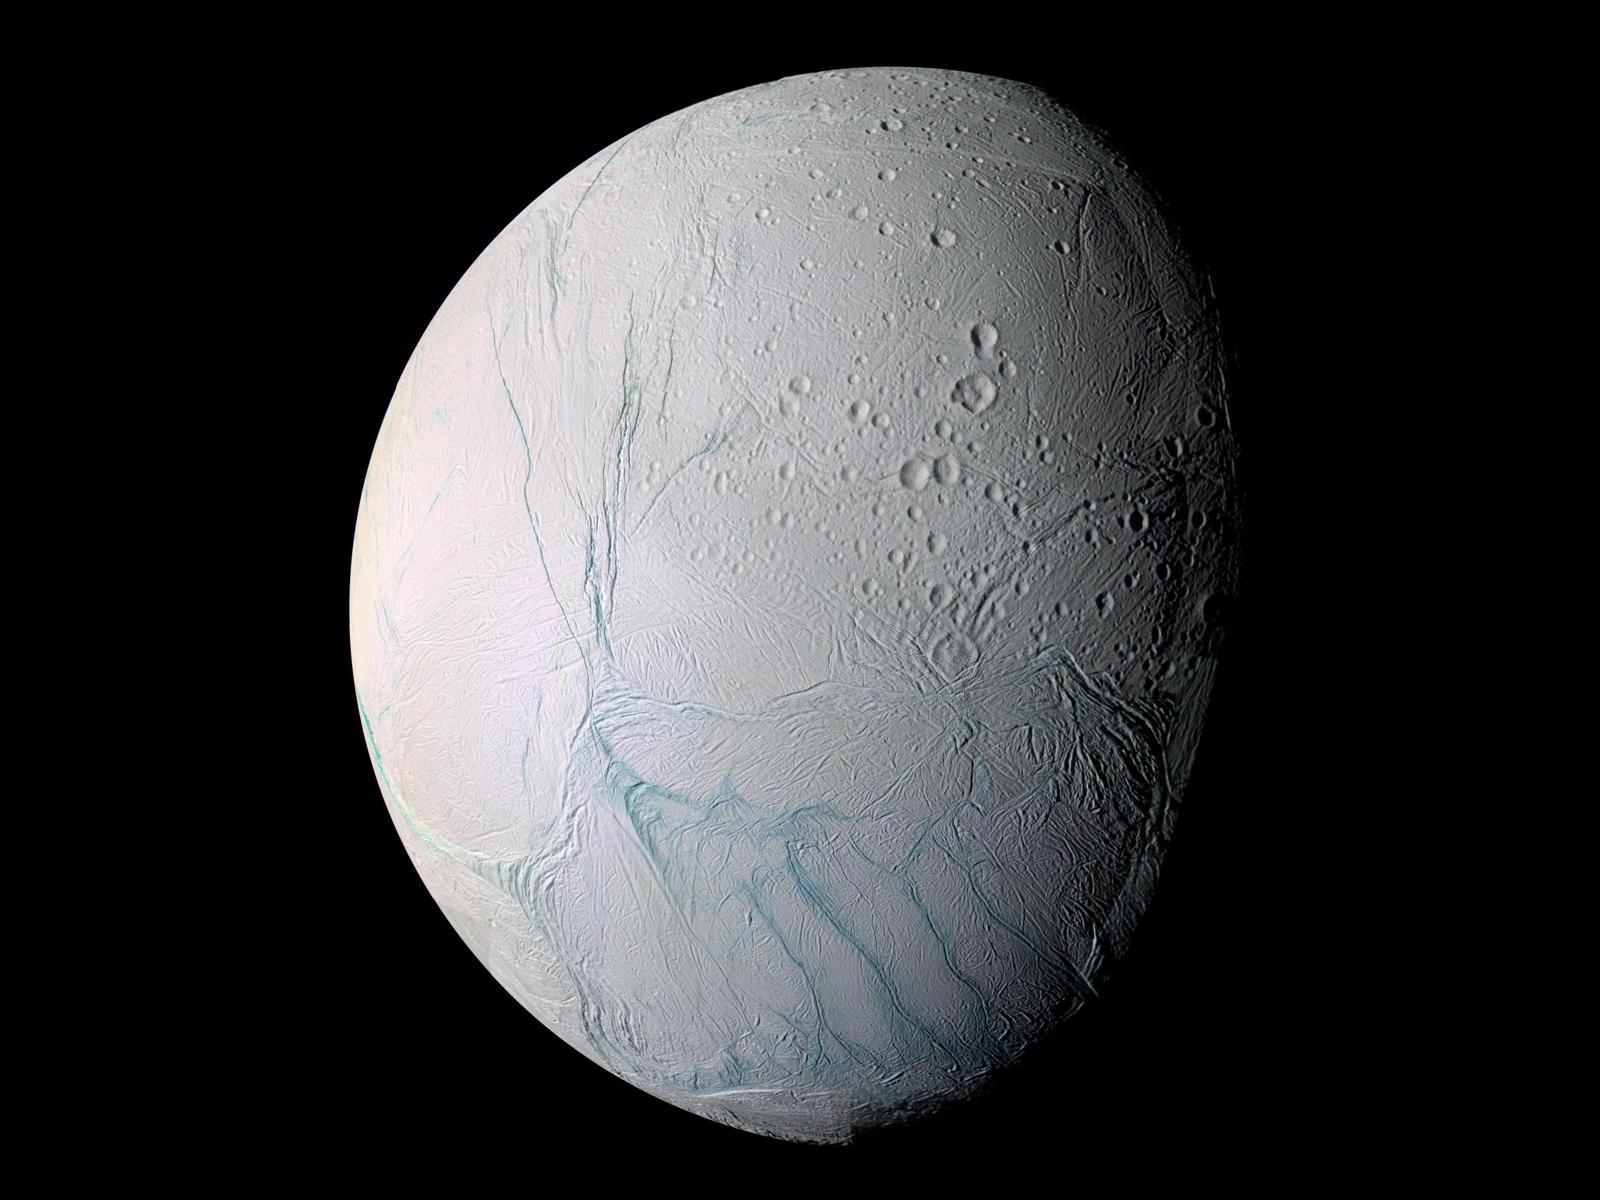 Спутник Сатурна Энцелад (4 фото)